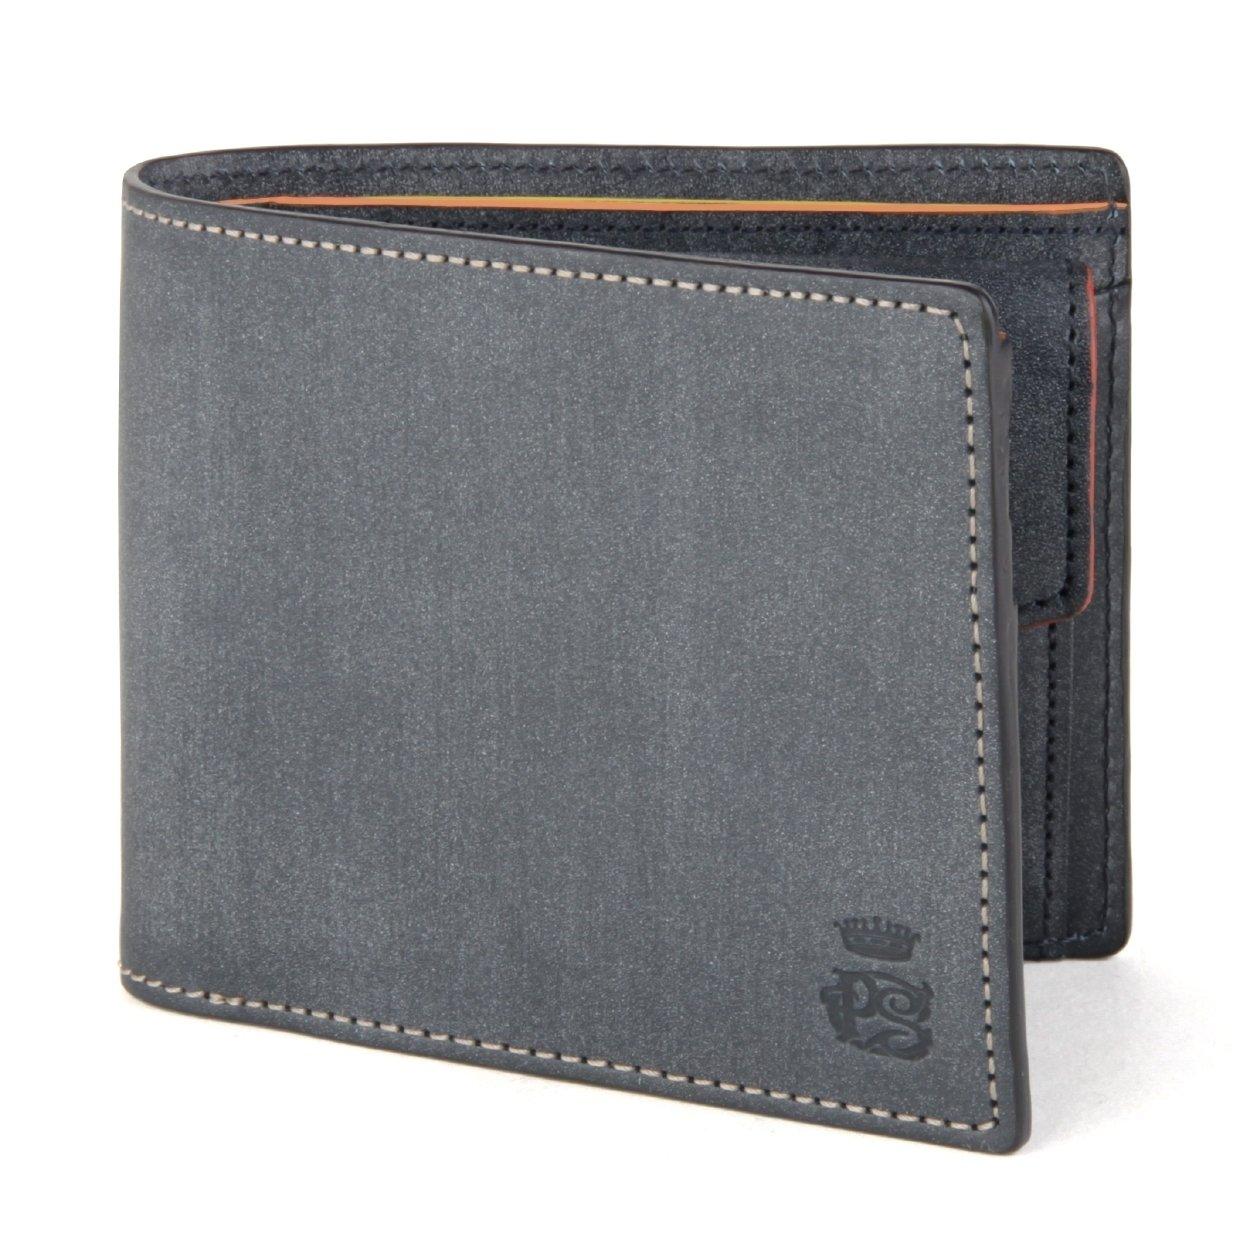 ポールスミス PAULSMITH メンズ 二つ折り 財布 ロウ ブランド 牛革 554839 J160 B00EWC1QIWグレーブラック